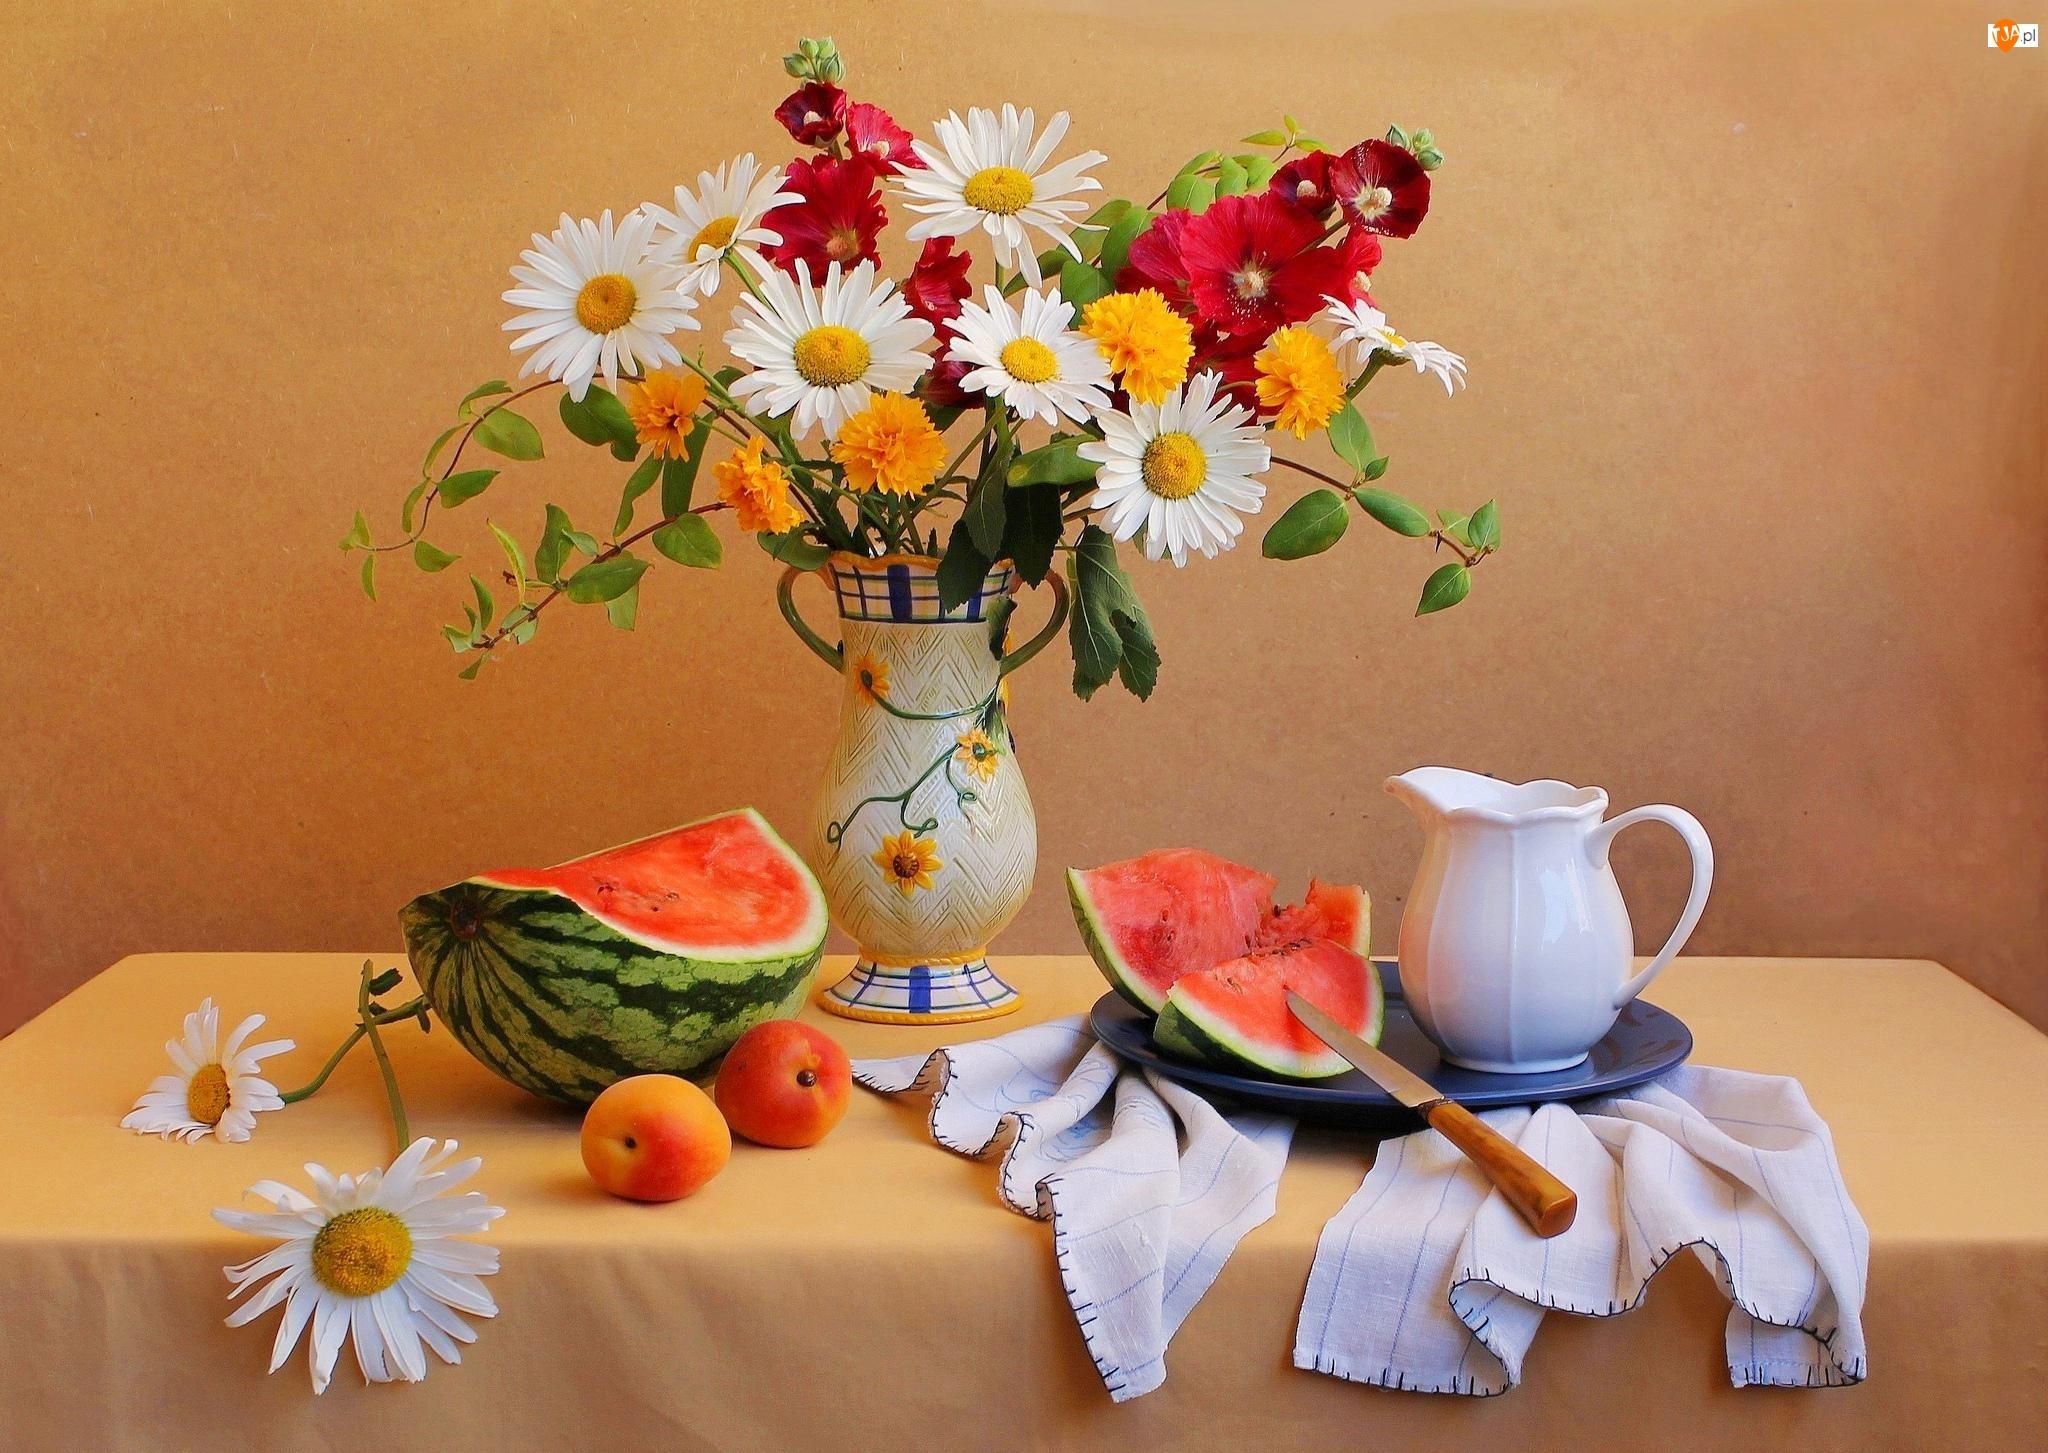 Kompozycja, Flakon, Dzbanuszek, Arbuz, Bukiet Kwiatów